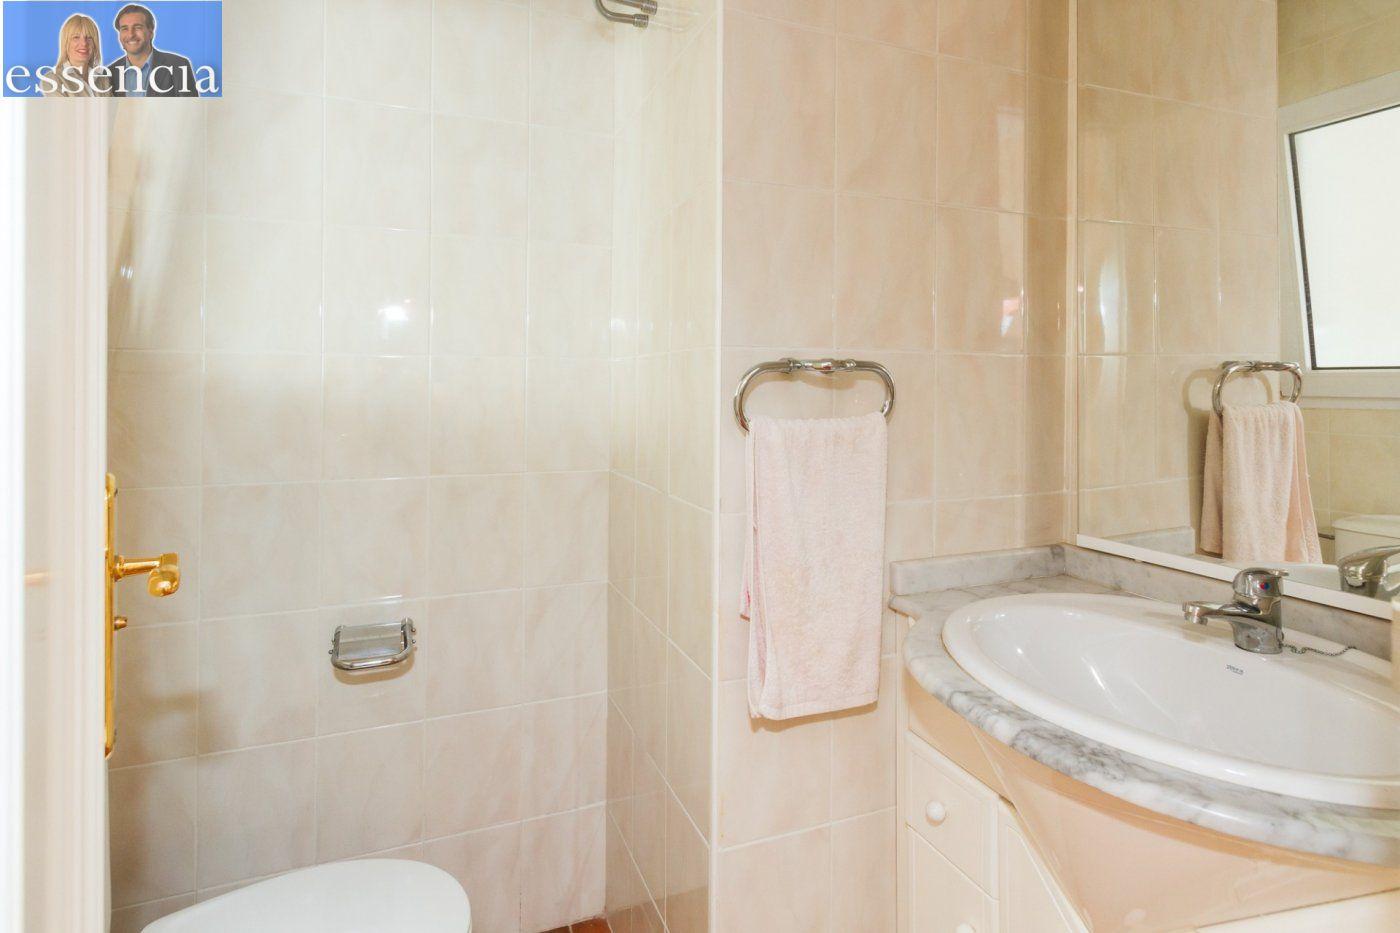 Casa con encanto en el centro de gandÍa para clientes vip - imagenInmueble23